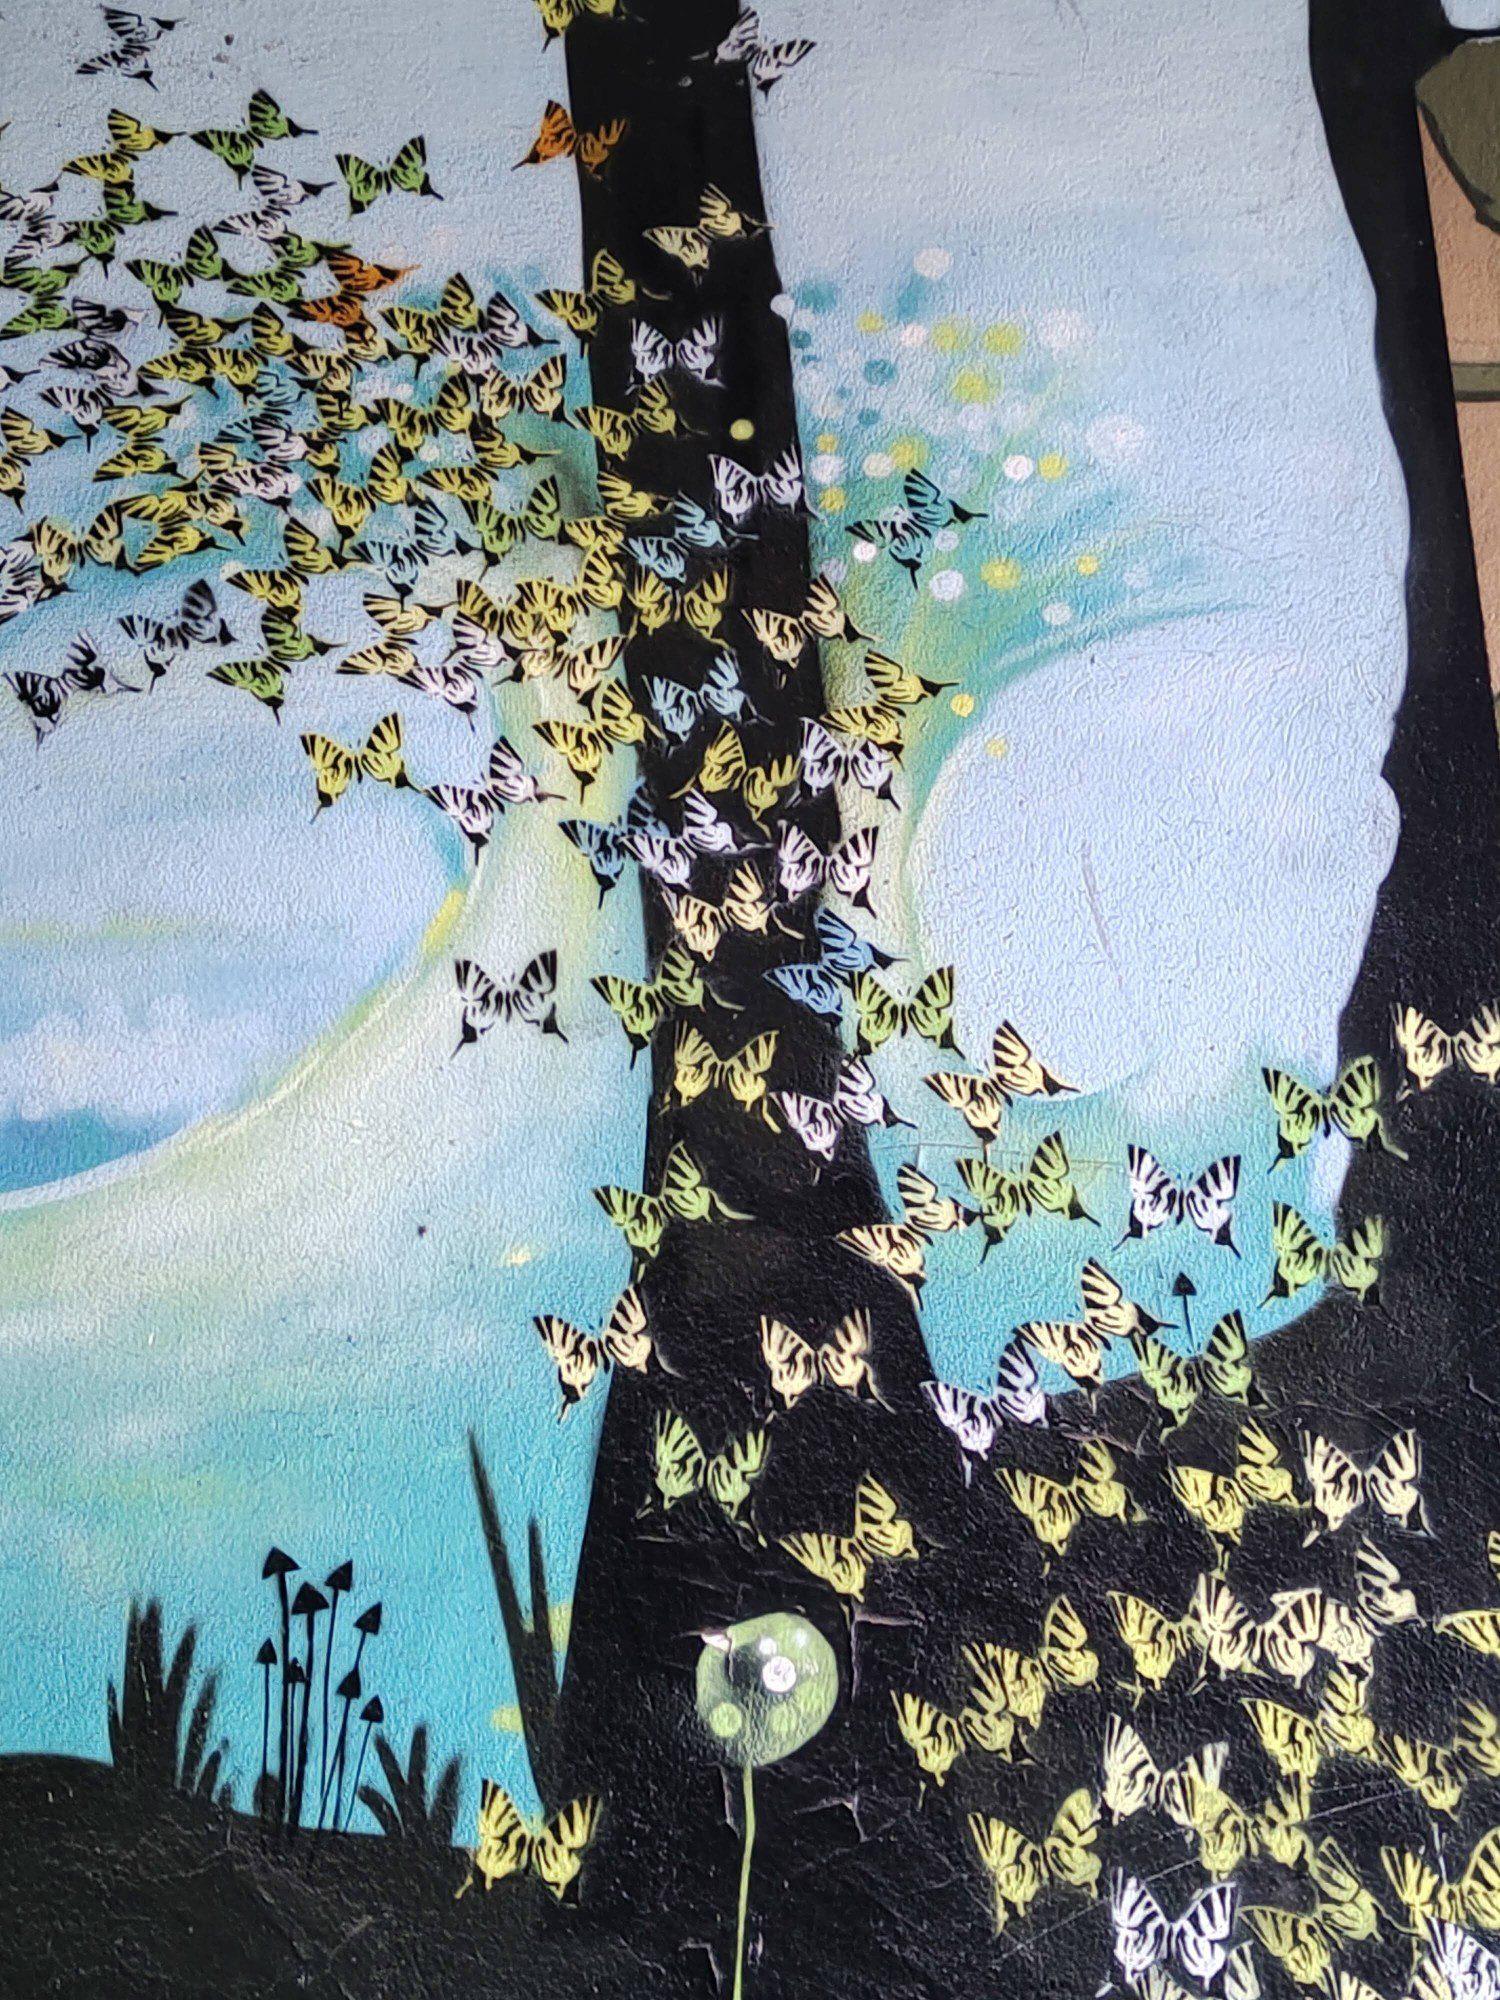 mural zdjęcie wykonane aparatem realme 8 pro